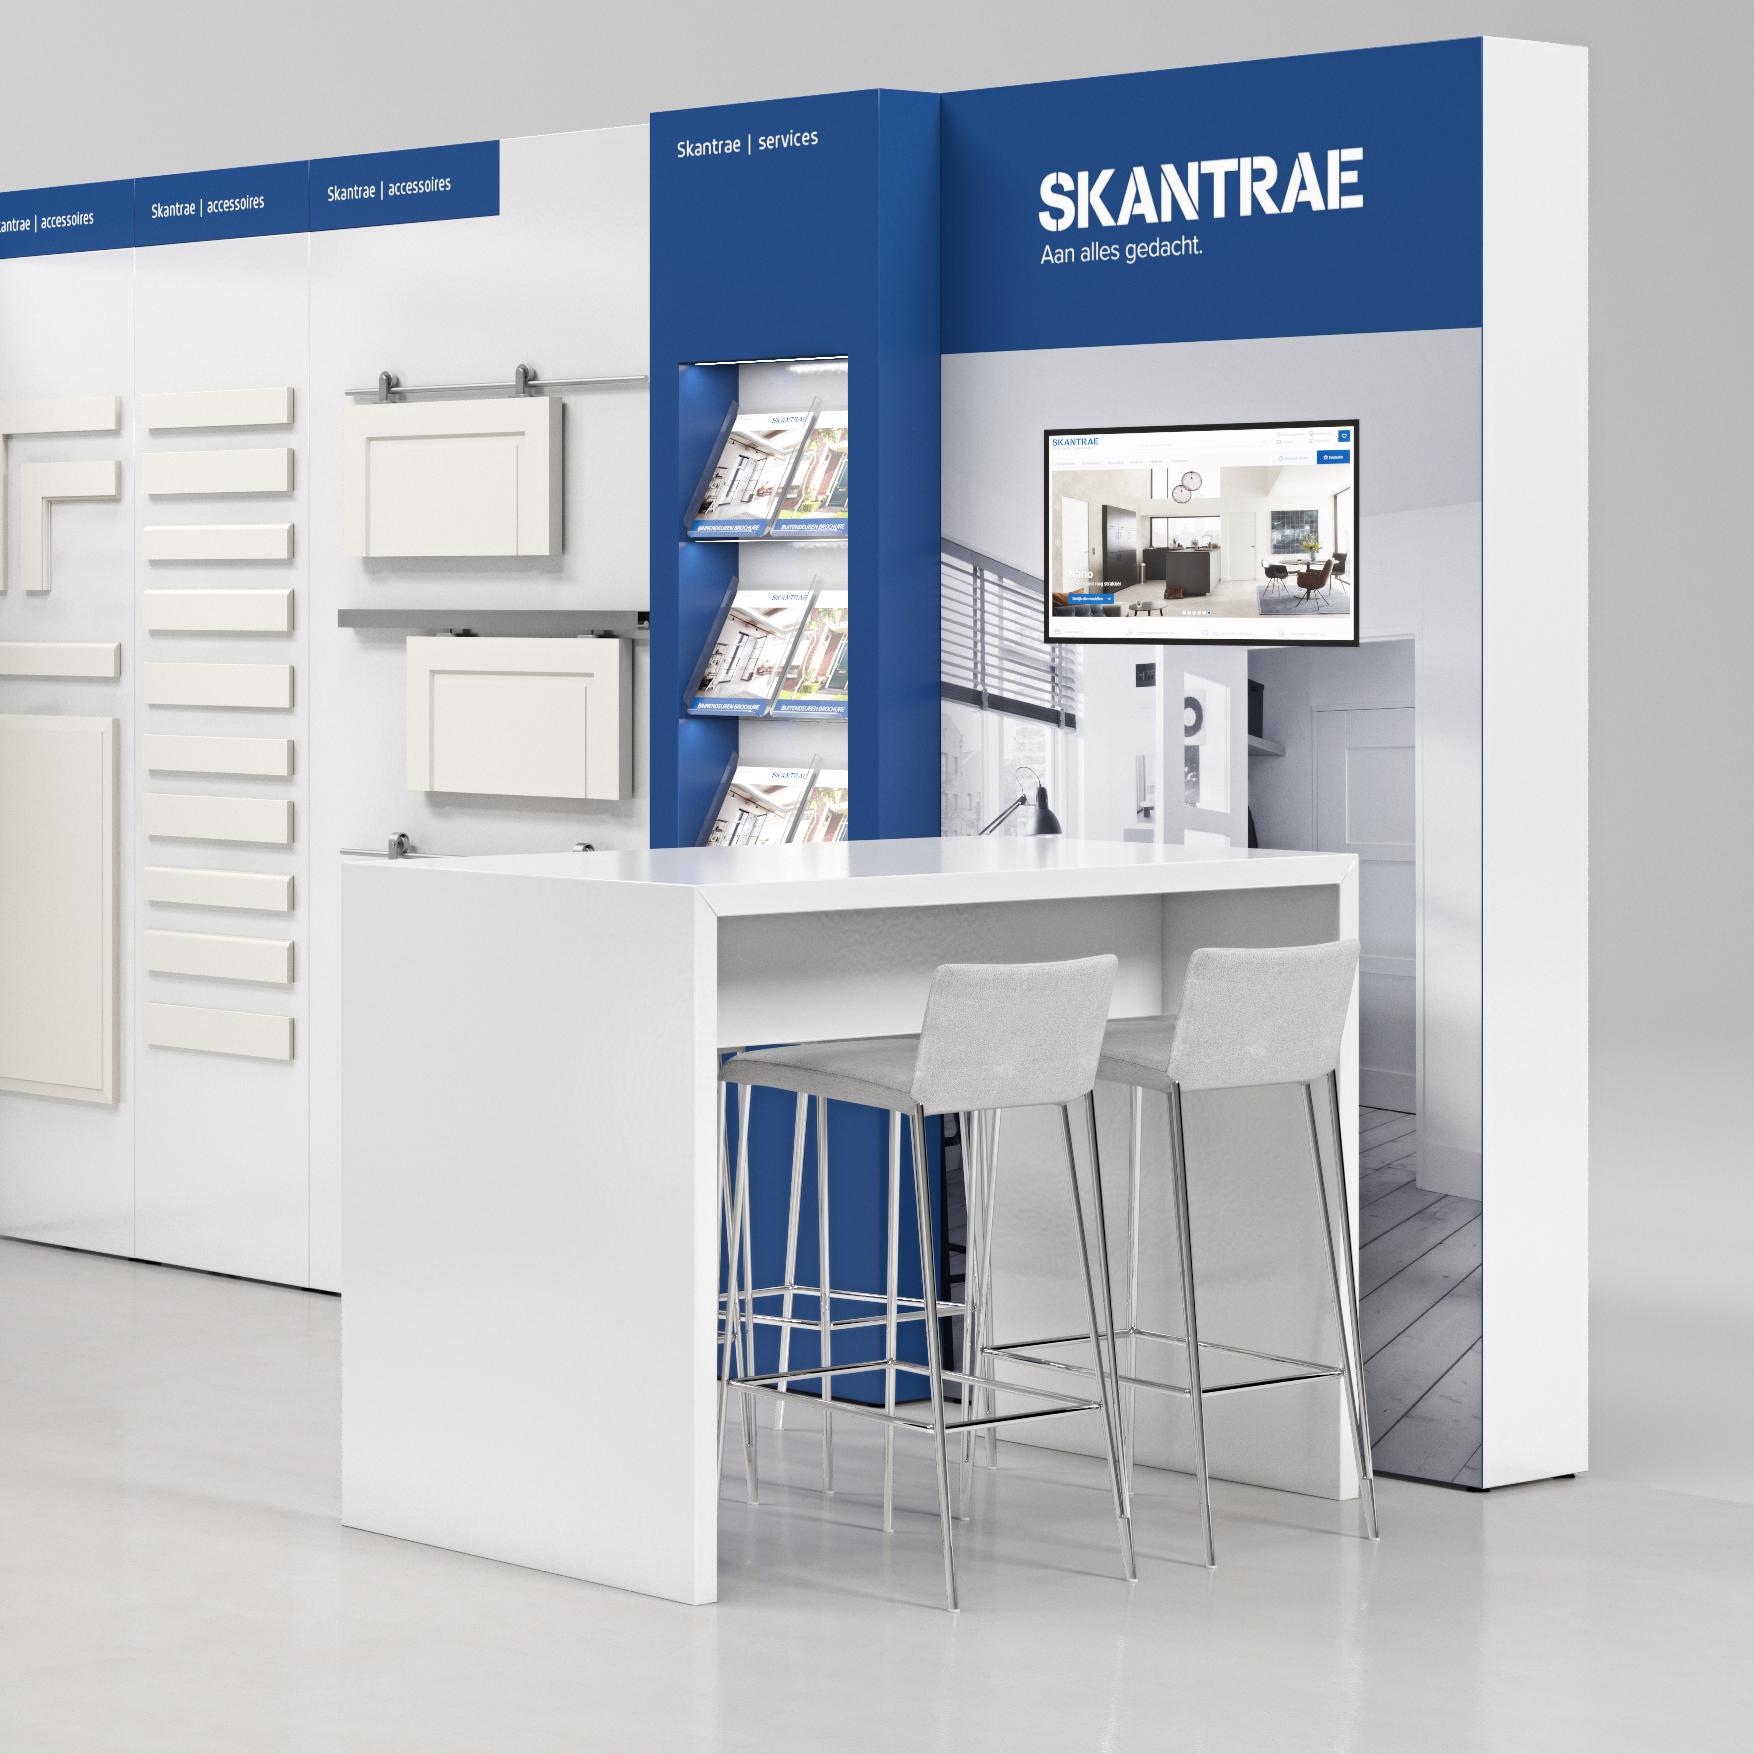 Skantrae showroomconcept